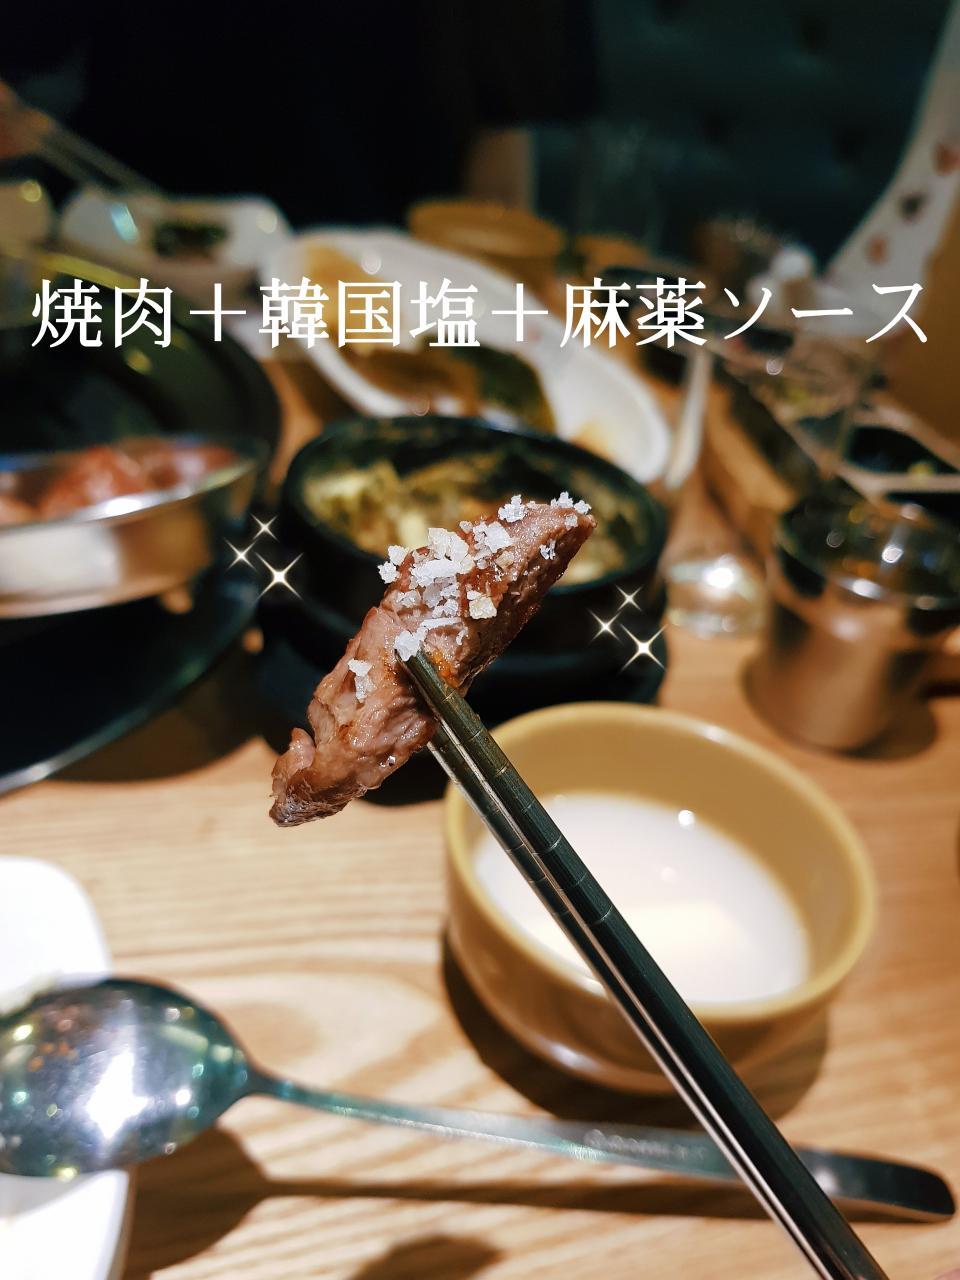 シンガポール韓国料理 韓国塩 ハローアジア